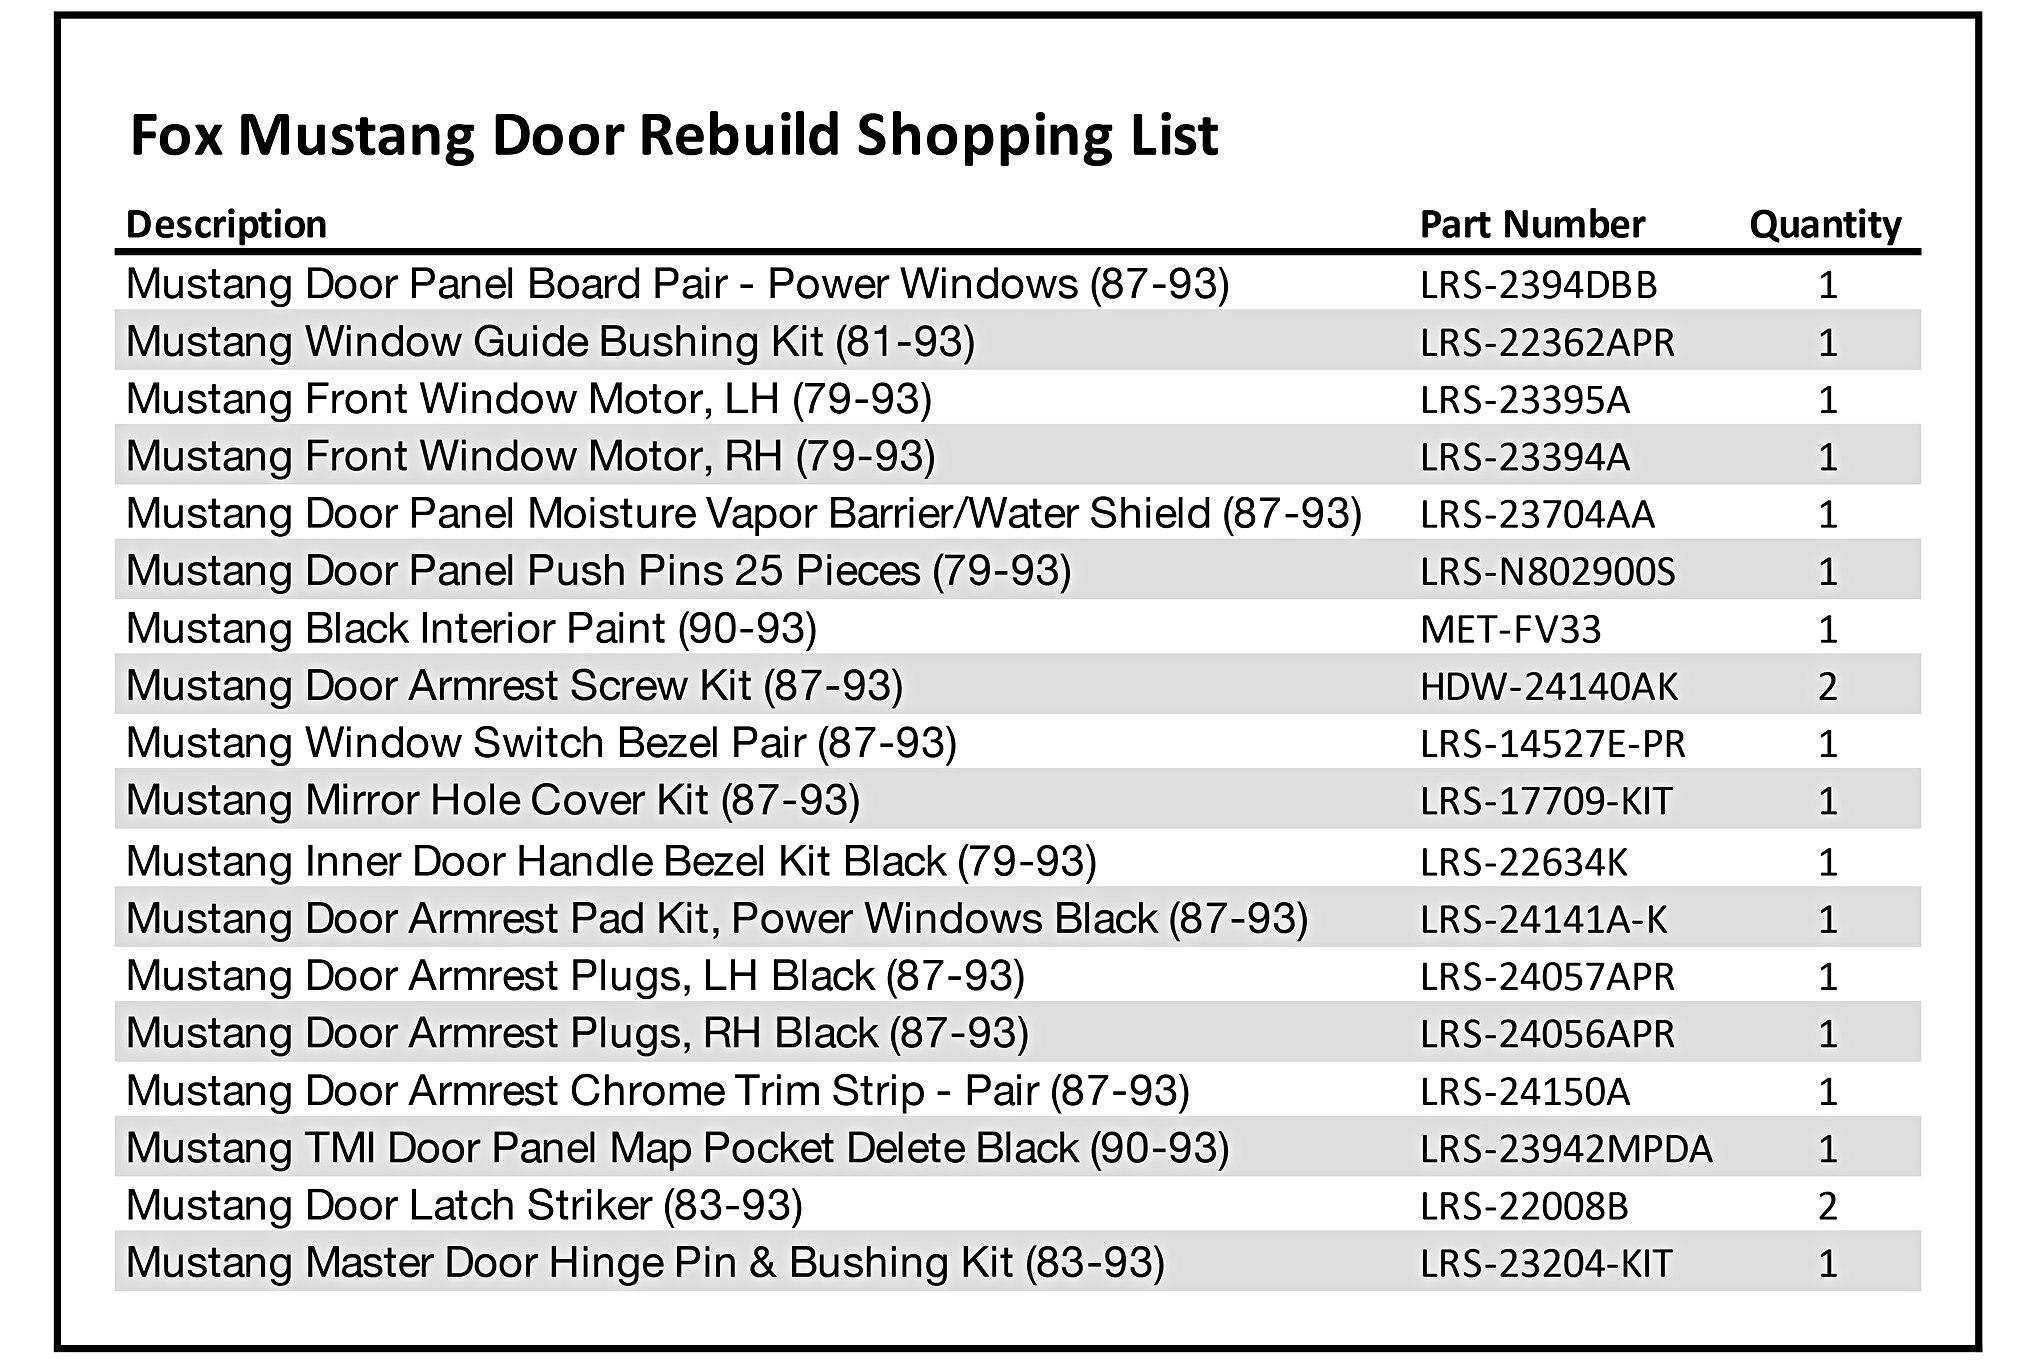 003 Mustang Door Panel Parts List